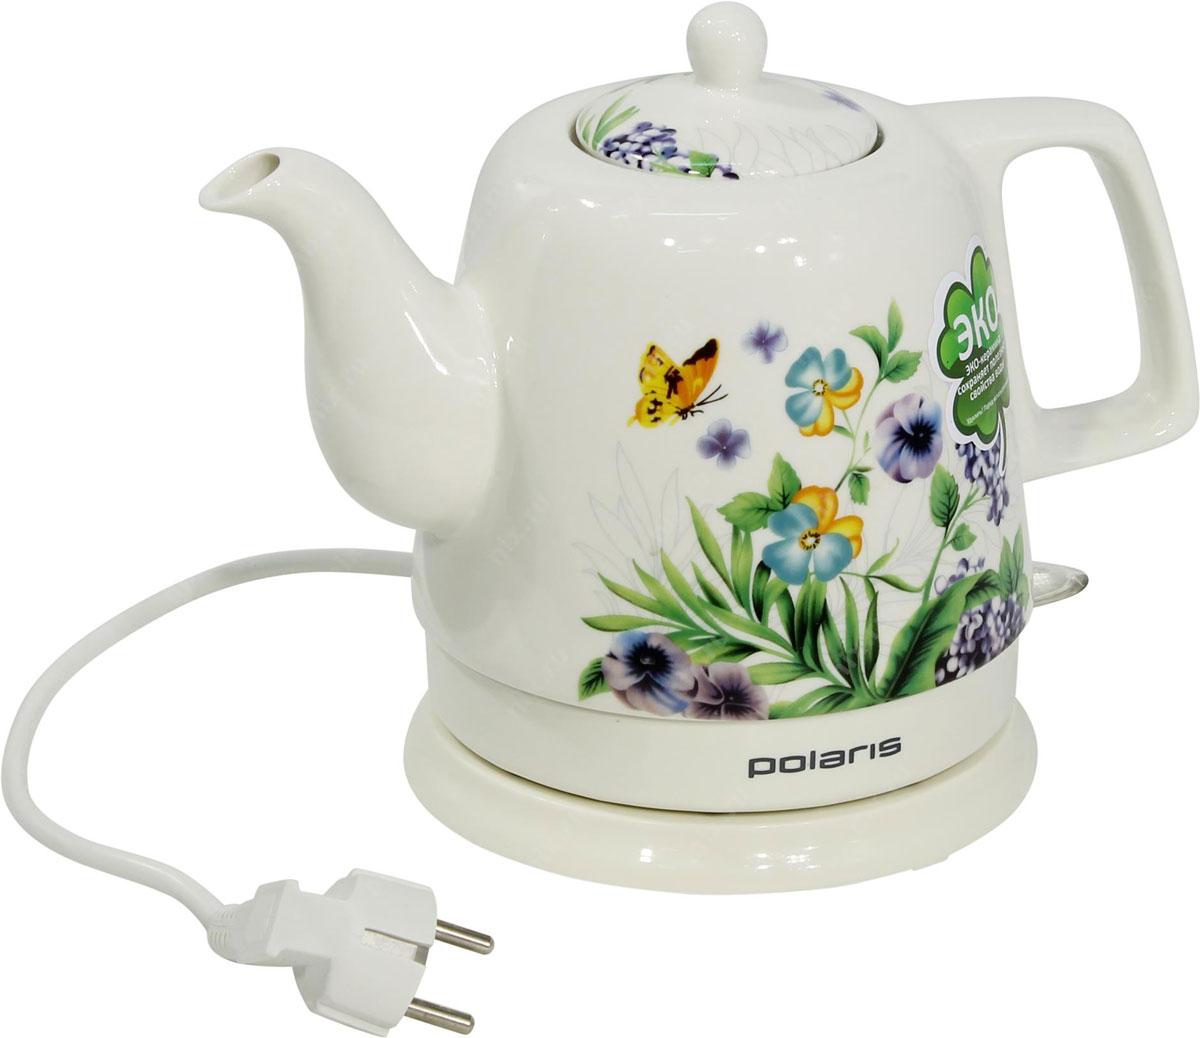 Polaris PWK 1299CCR Весна электрический чайникPWK 1299CCR_белыйPolaris PWK 1299CCR Весна - это керамический электрочайник с ярким дизайном. Корпус чайника декорирован эмалевой росписью с рисунком. Такой необычный подарок станет центром посиделок в кругу семьи. Корпус чайника выполнен из экологически чистой керамики, которая сохраняет полезные и вкусовые качества воды. Благодаря природным свойствам керамики кипяток дольше остается горячим. Данная модель оснащена встроенным скрытым нагревательным элементом. Это снижает образование накипи и упрощает очистку, продлевая тем самым срок службы чайника. Новинка оснащена автоматическим и ручным выключателем, индикаторной лампочкой и отсеком для хранения шнура. Прибор вращается на круглой подставке - базе на 360 градусов, поэтому вы без труда сможете повернуть его в любую сторону.